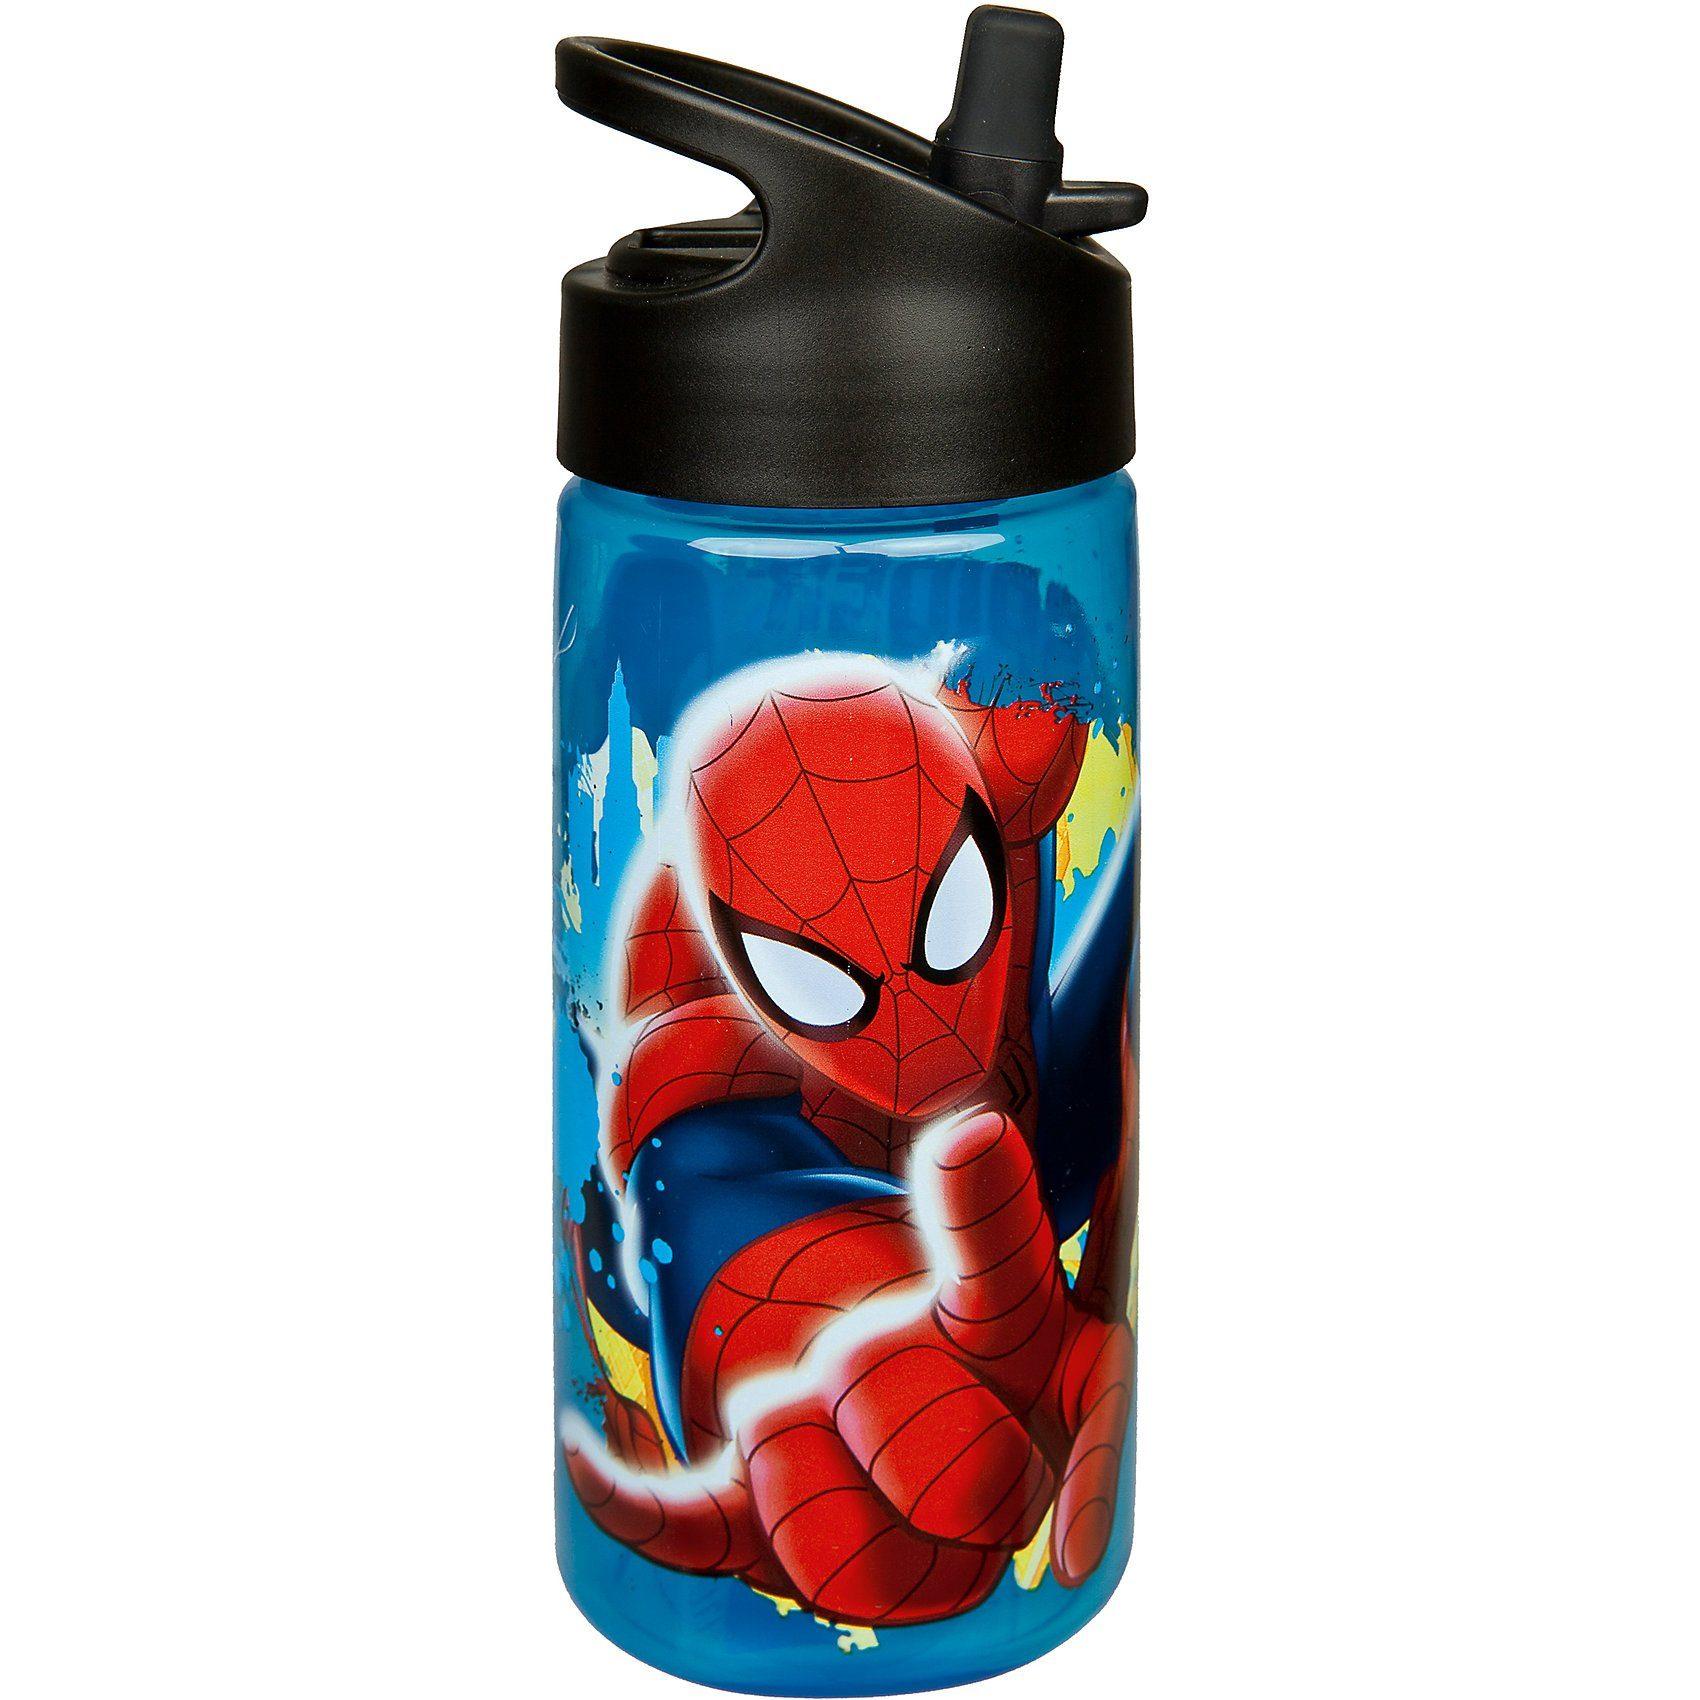 Scooli Aero-Trinkflasche Spider-Man, 400 ml